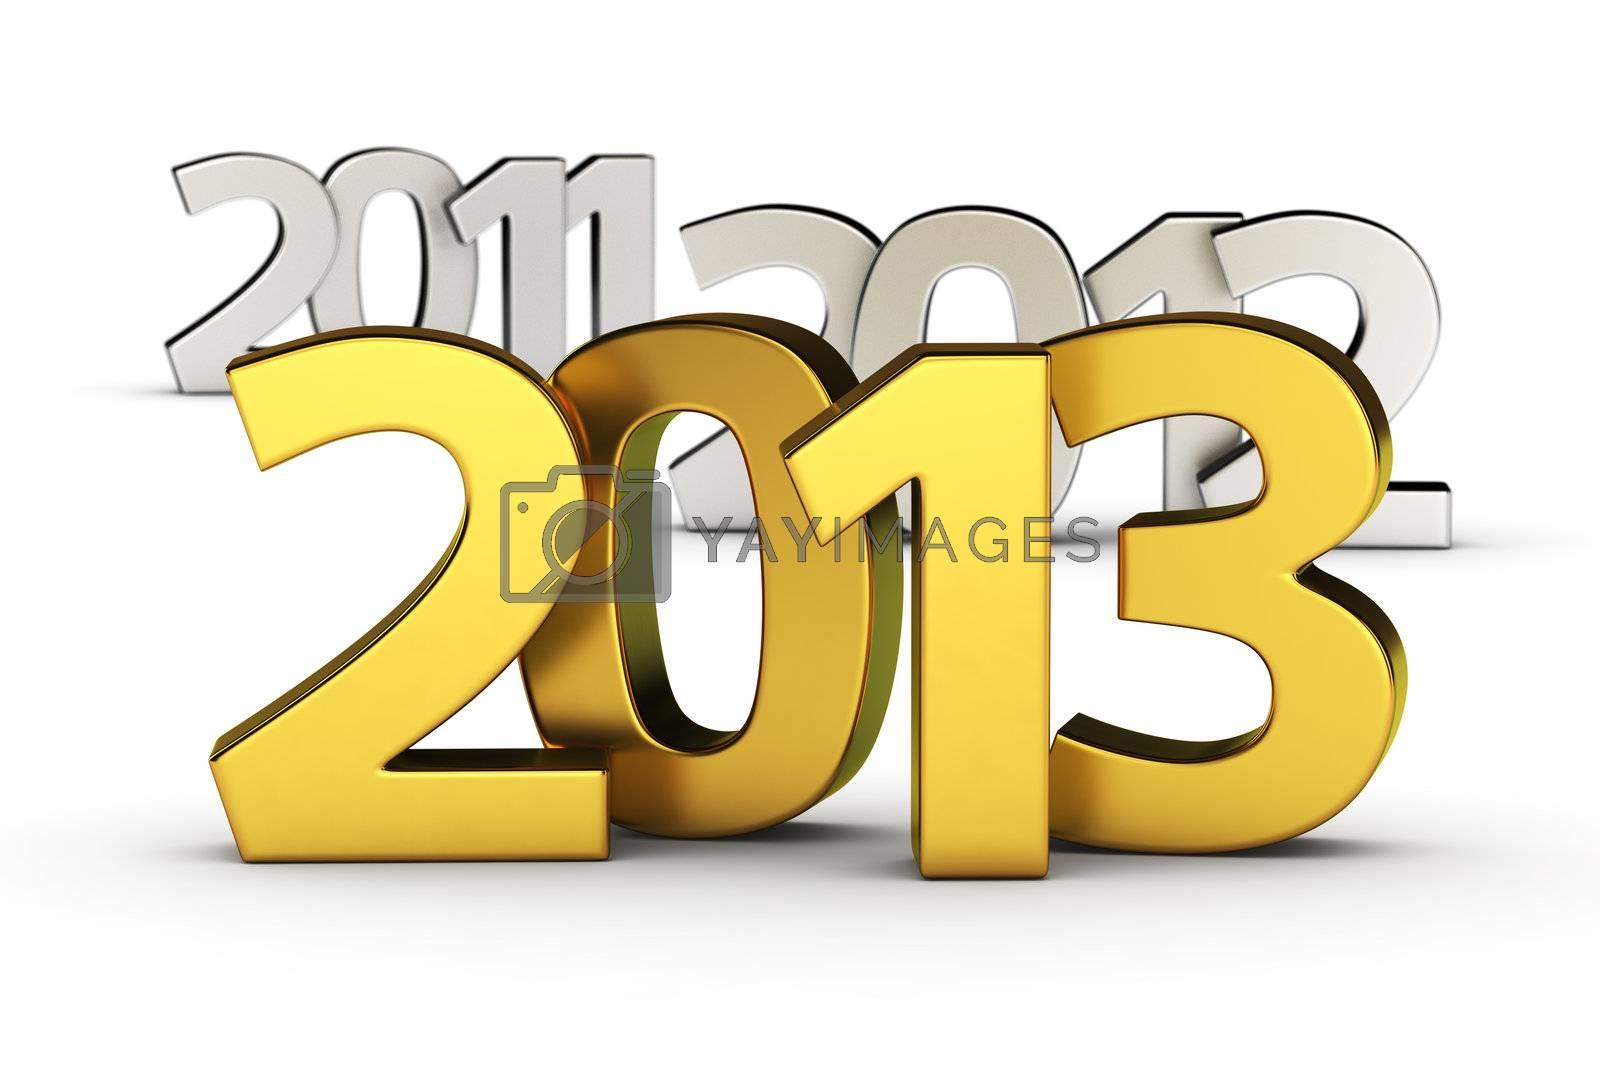 Golden digits 2013 against defocused 2012 and 2011